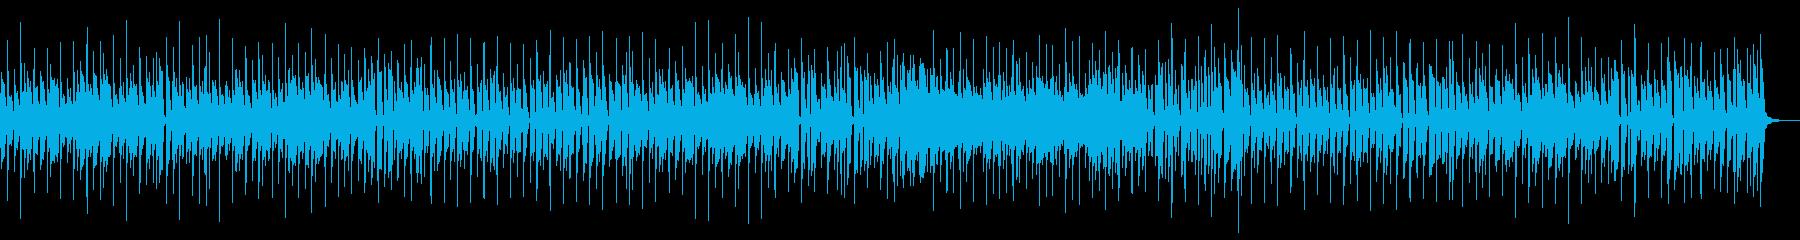 リコーダーでほのぼのとしたポップスの再生済みの波形